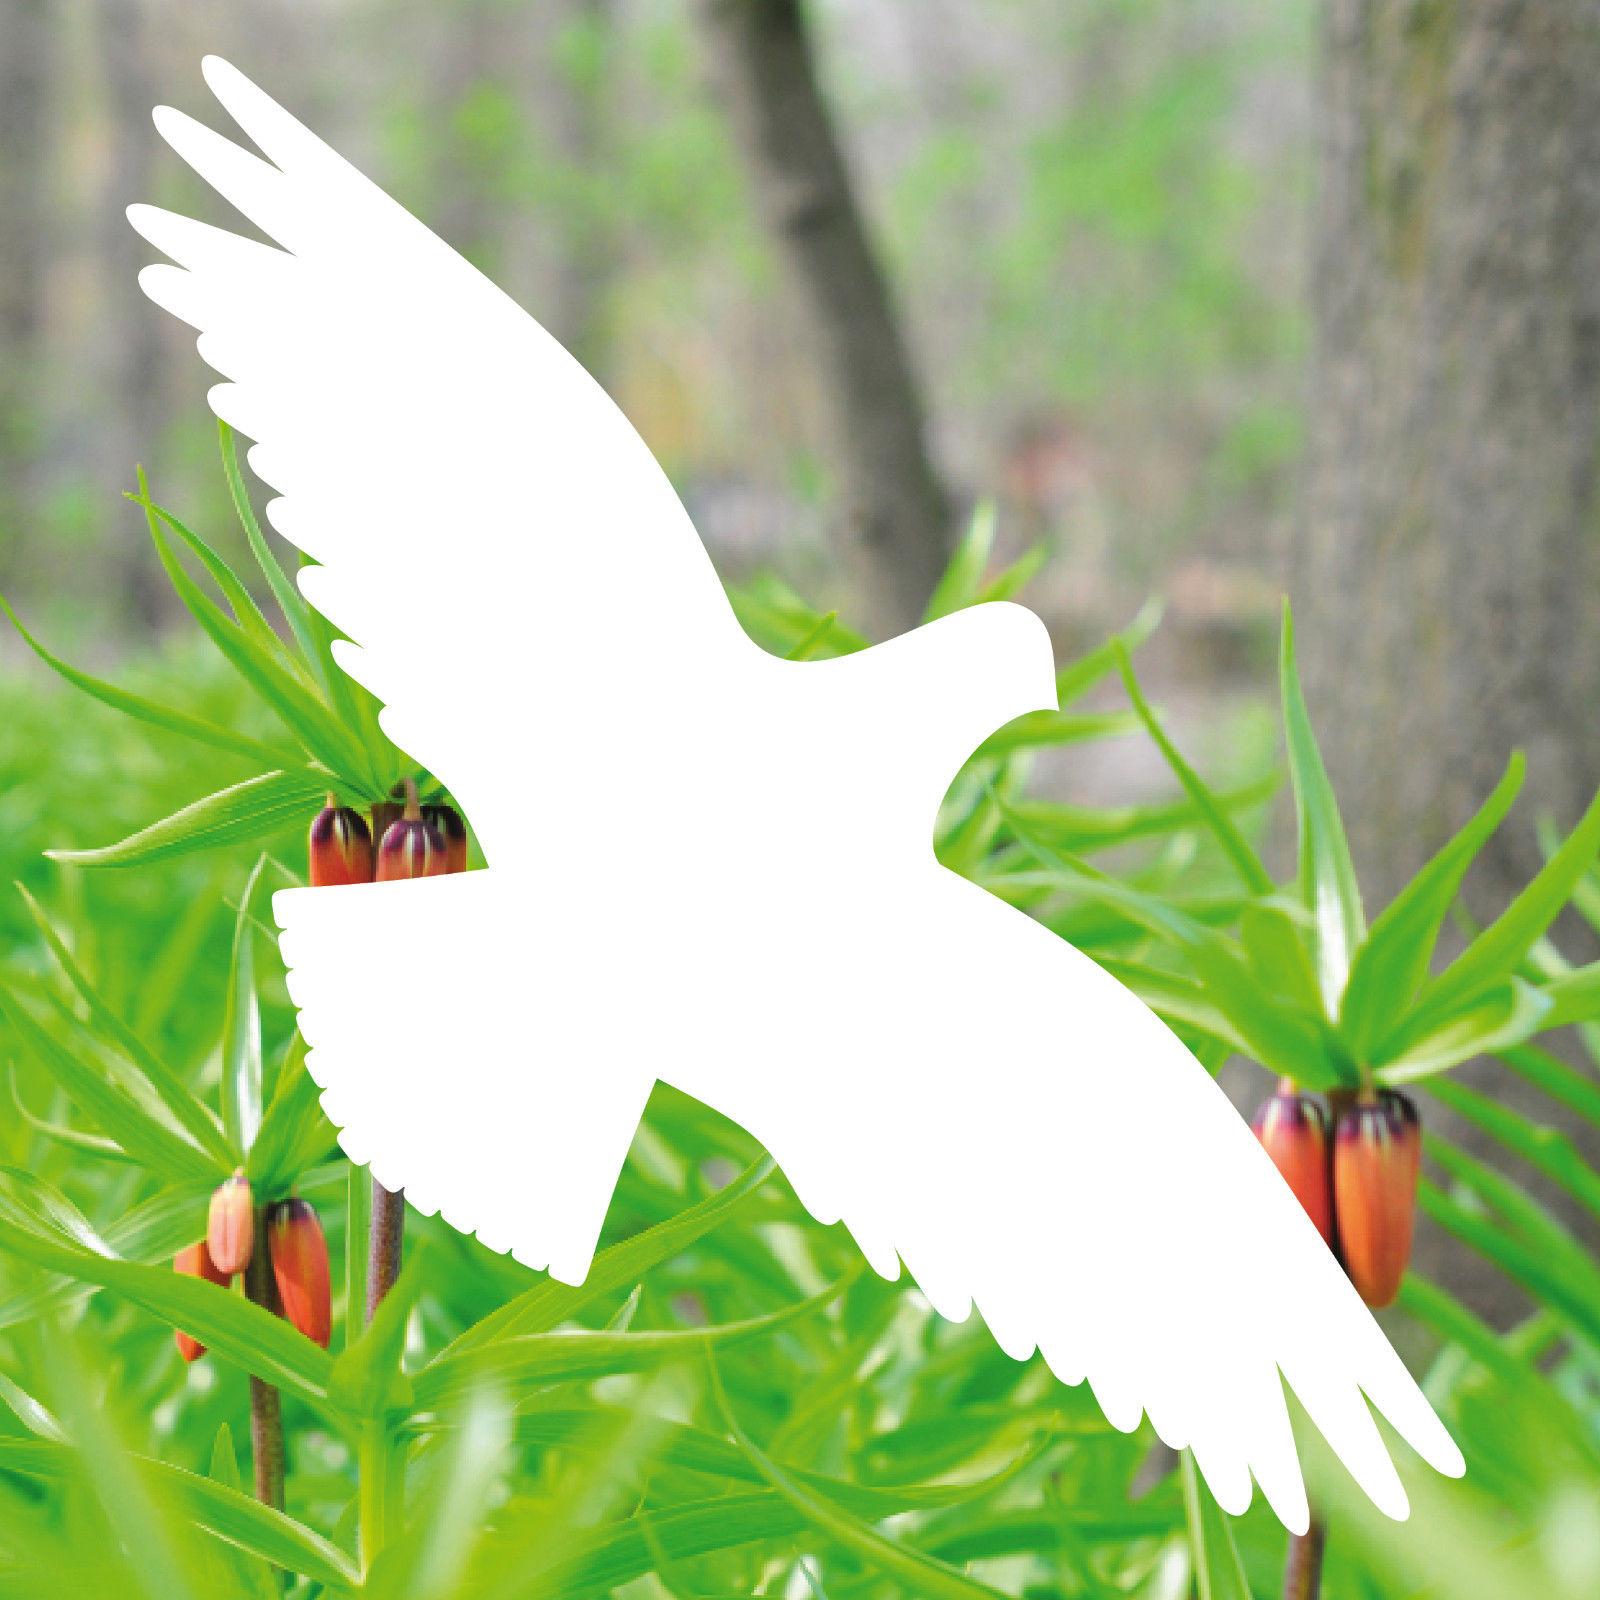 4 Aufkleber 30cm Weiß Habicht Vogel Fensterfolie Tattoo Warnvögel Vogelschutz Yategocom